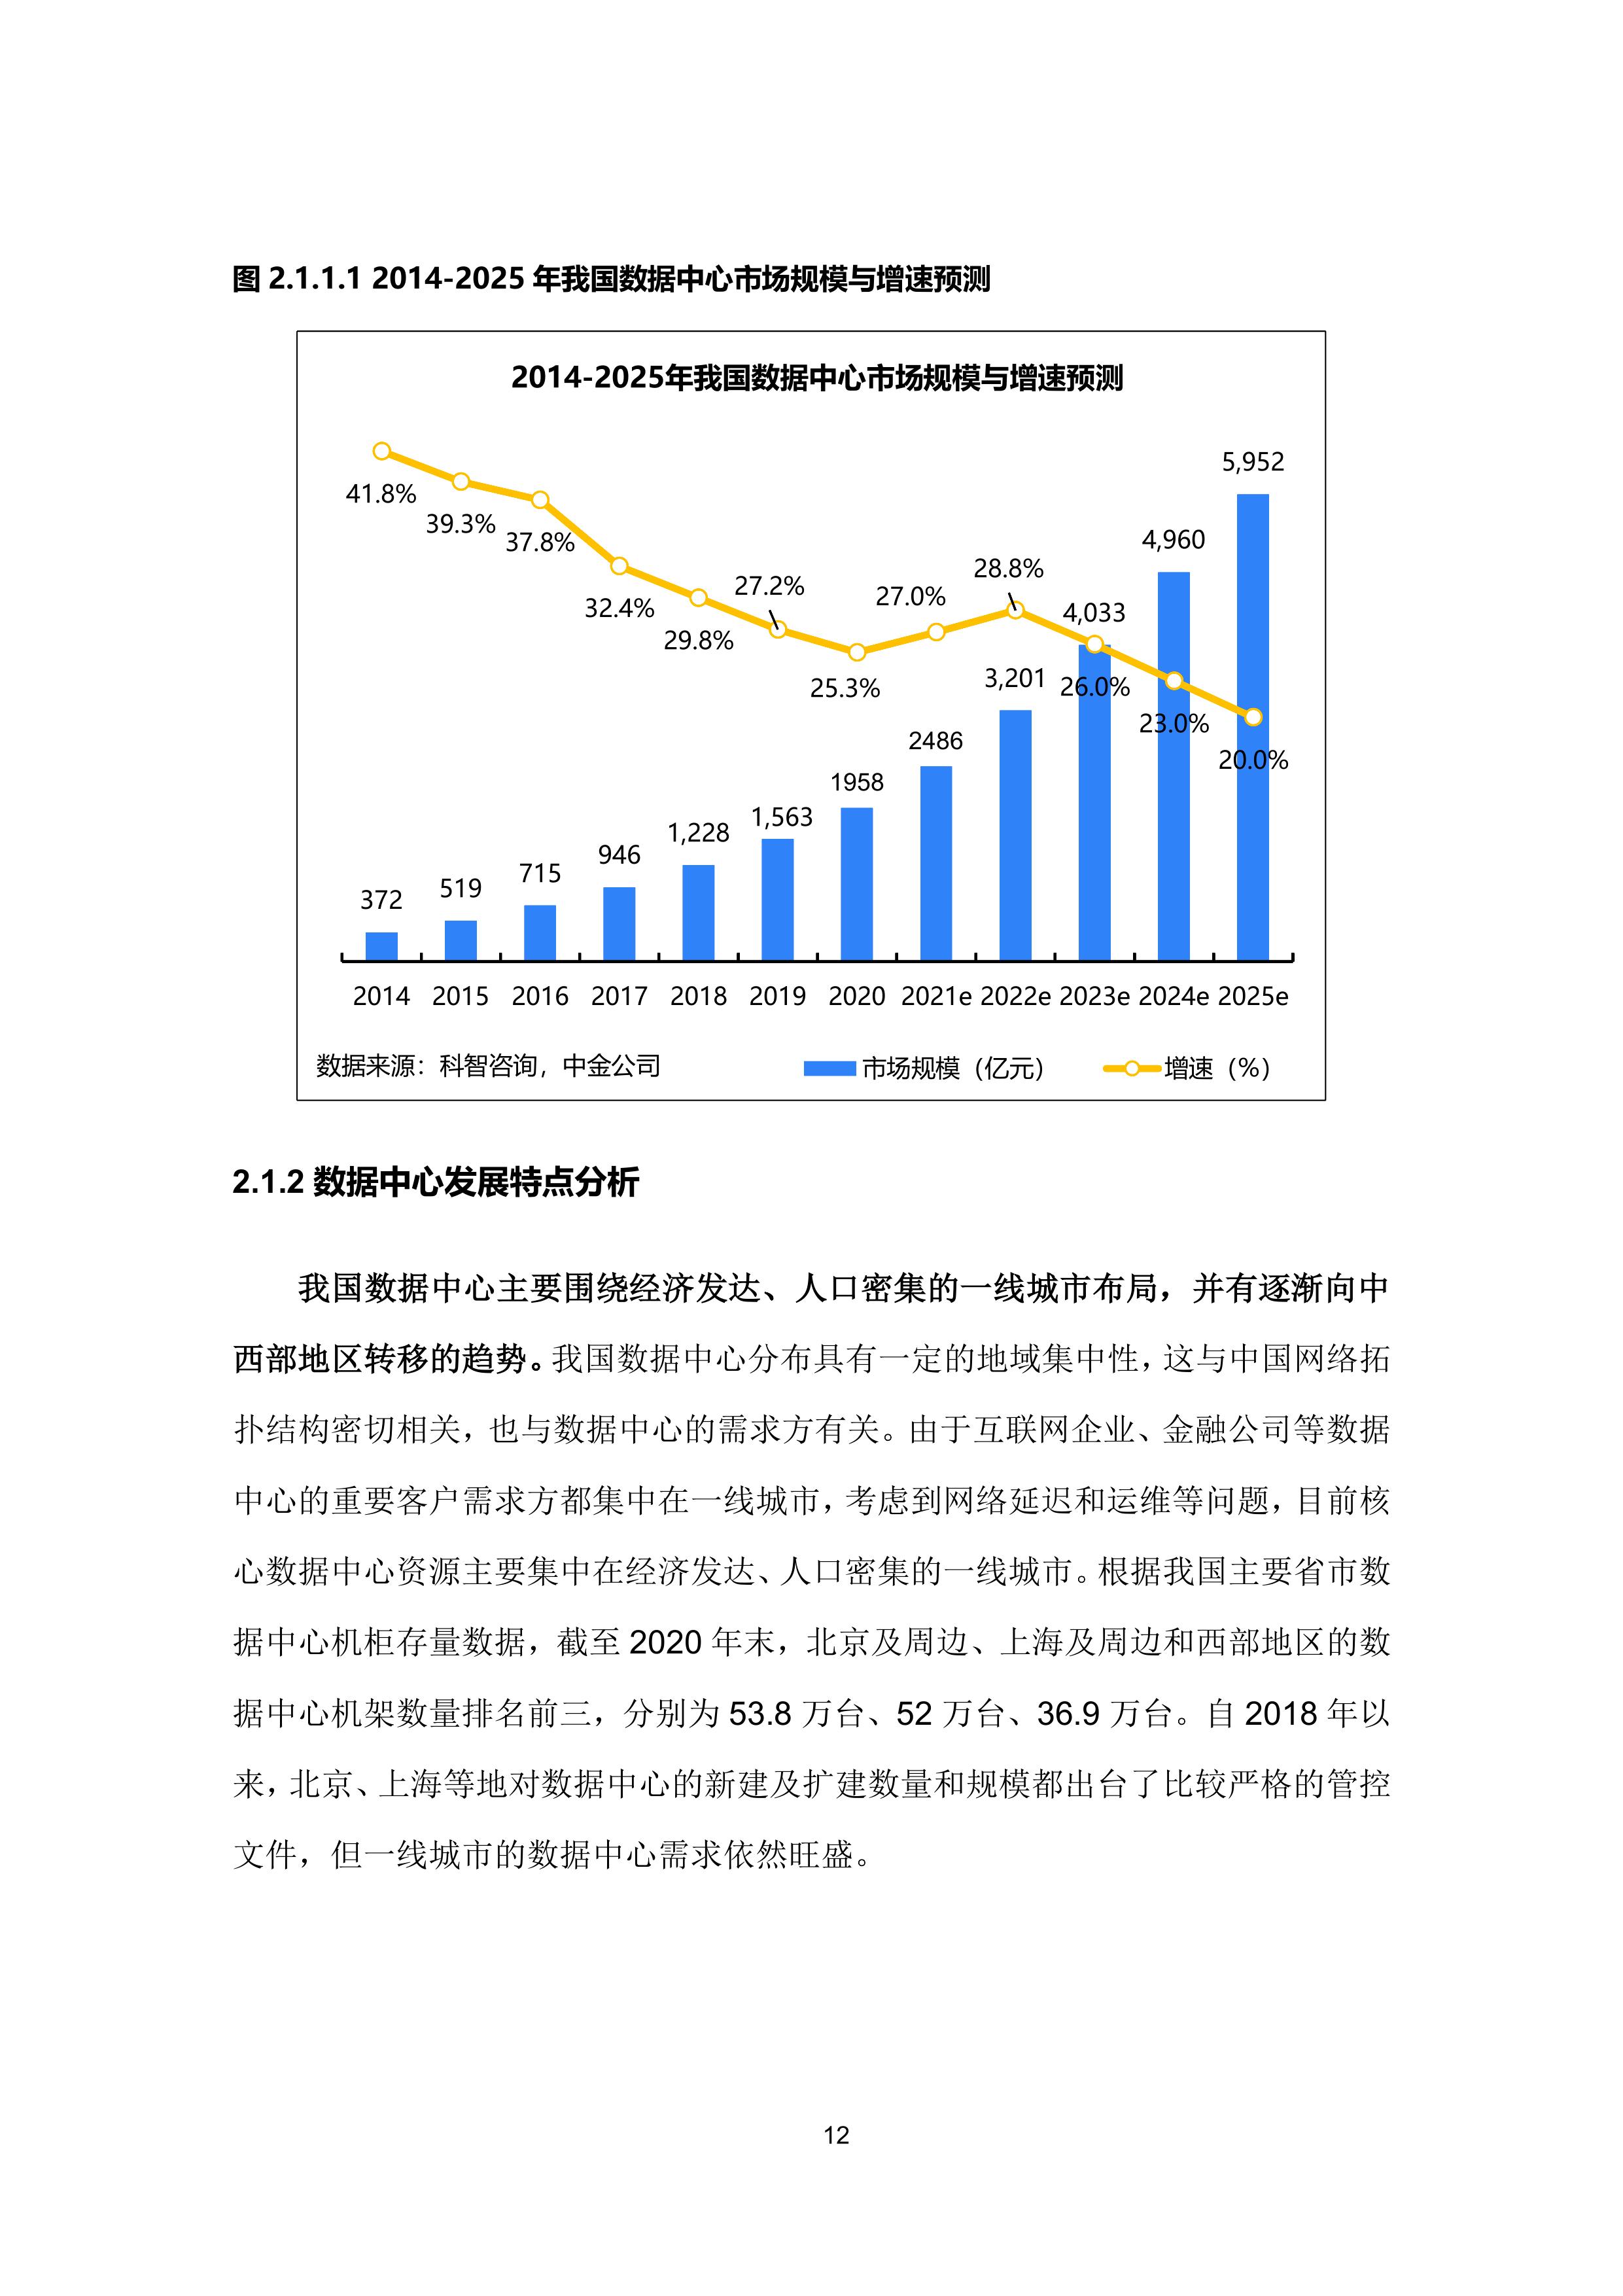 36氪研究院 - 新基建系列之:2020年中国城市数据中心发展指数报告-大菠萝官网(图23)